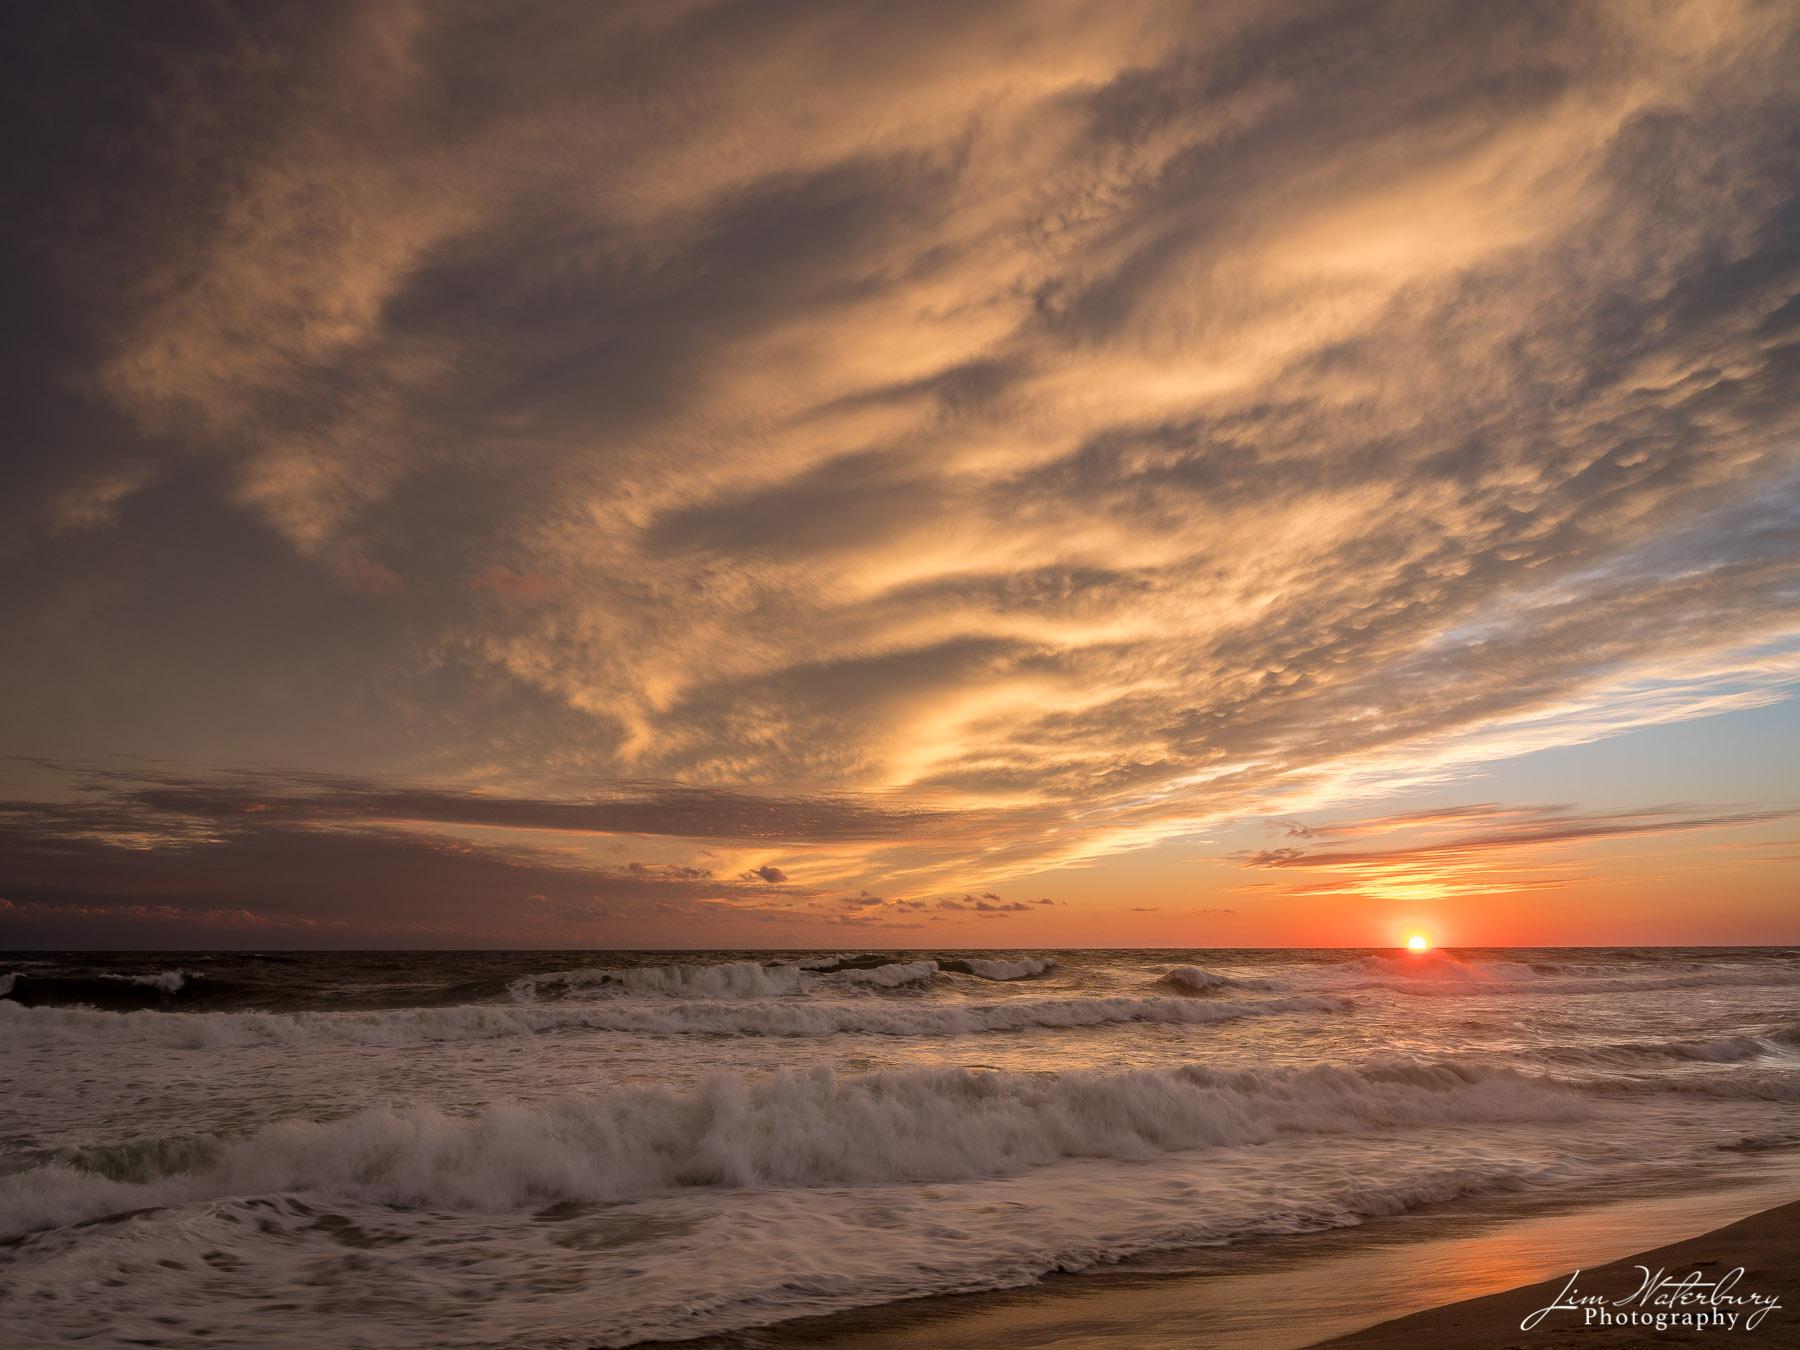 sun, clouds, ocean, seascape, photo